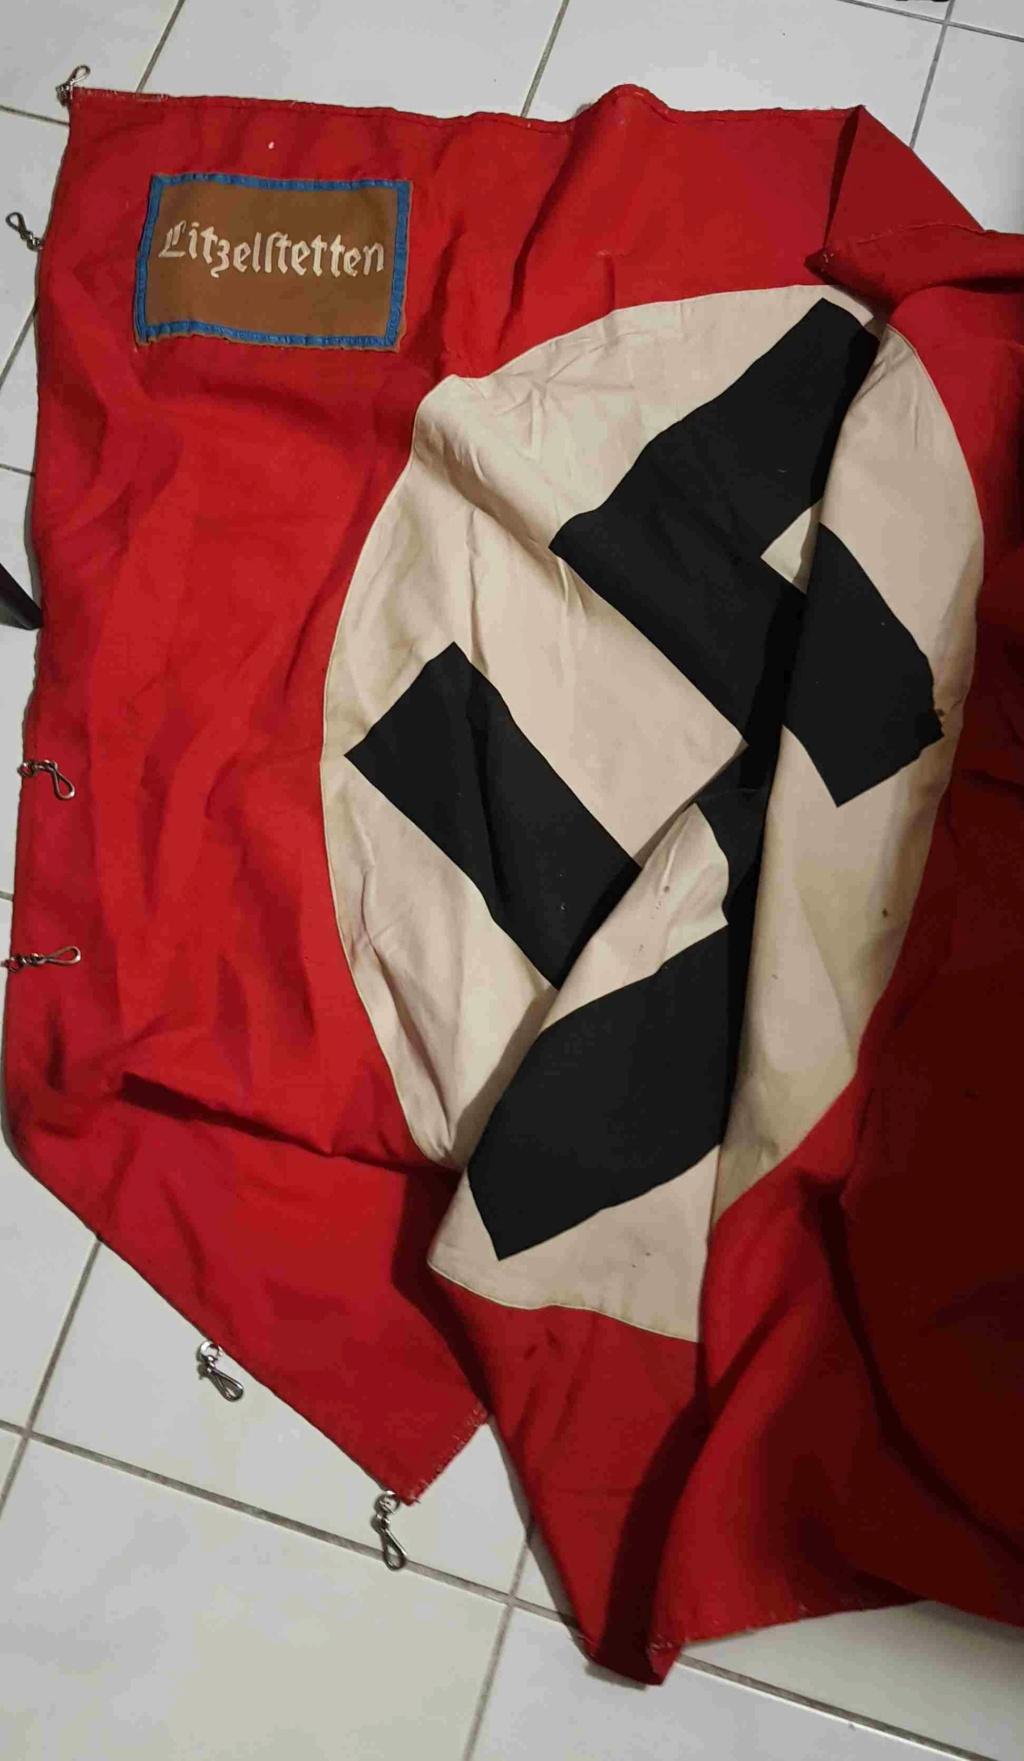 Drapeau NSDAP Ortsgruppe de la ville de Litzelstetten : estimation 20200828